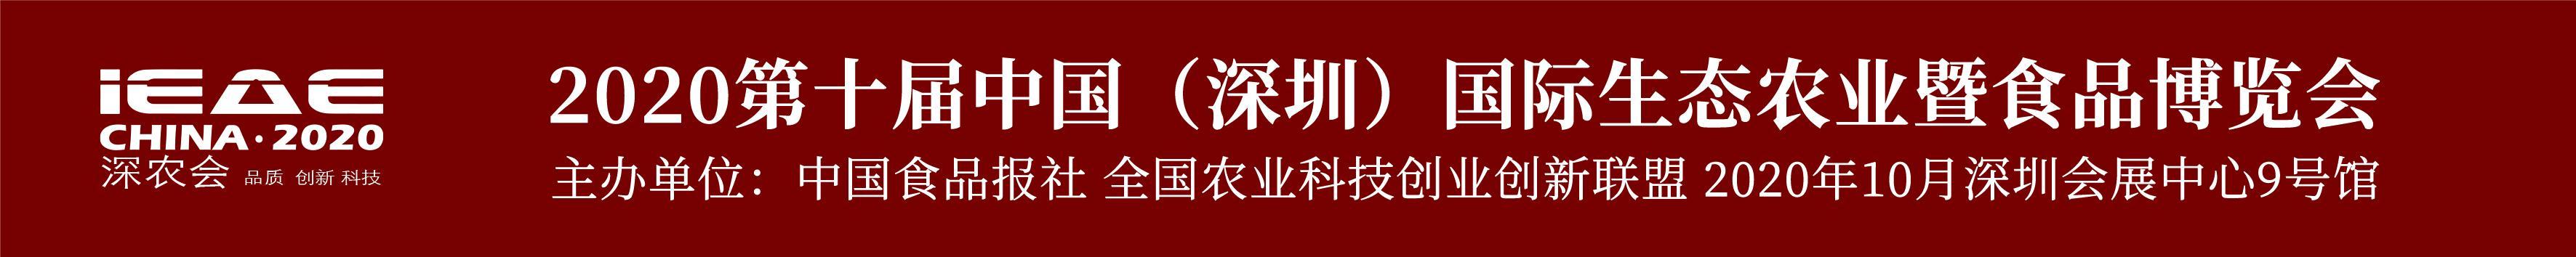 2020 中国(深圳)国际生态农业暨食品博览会